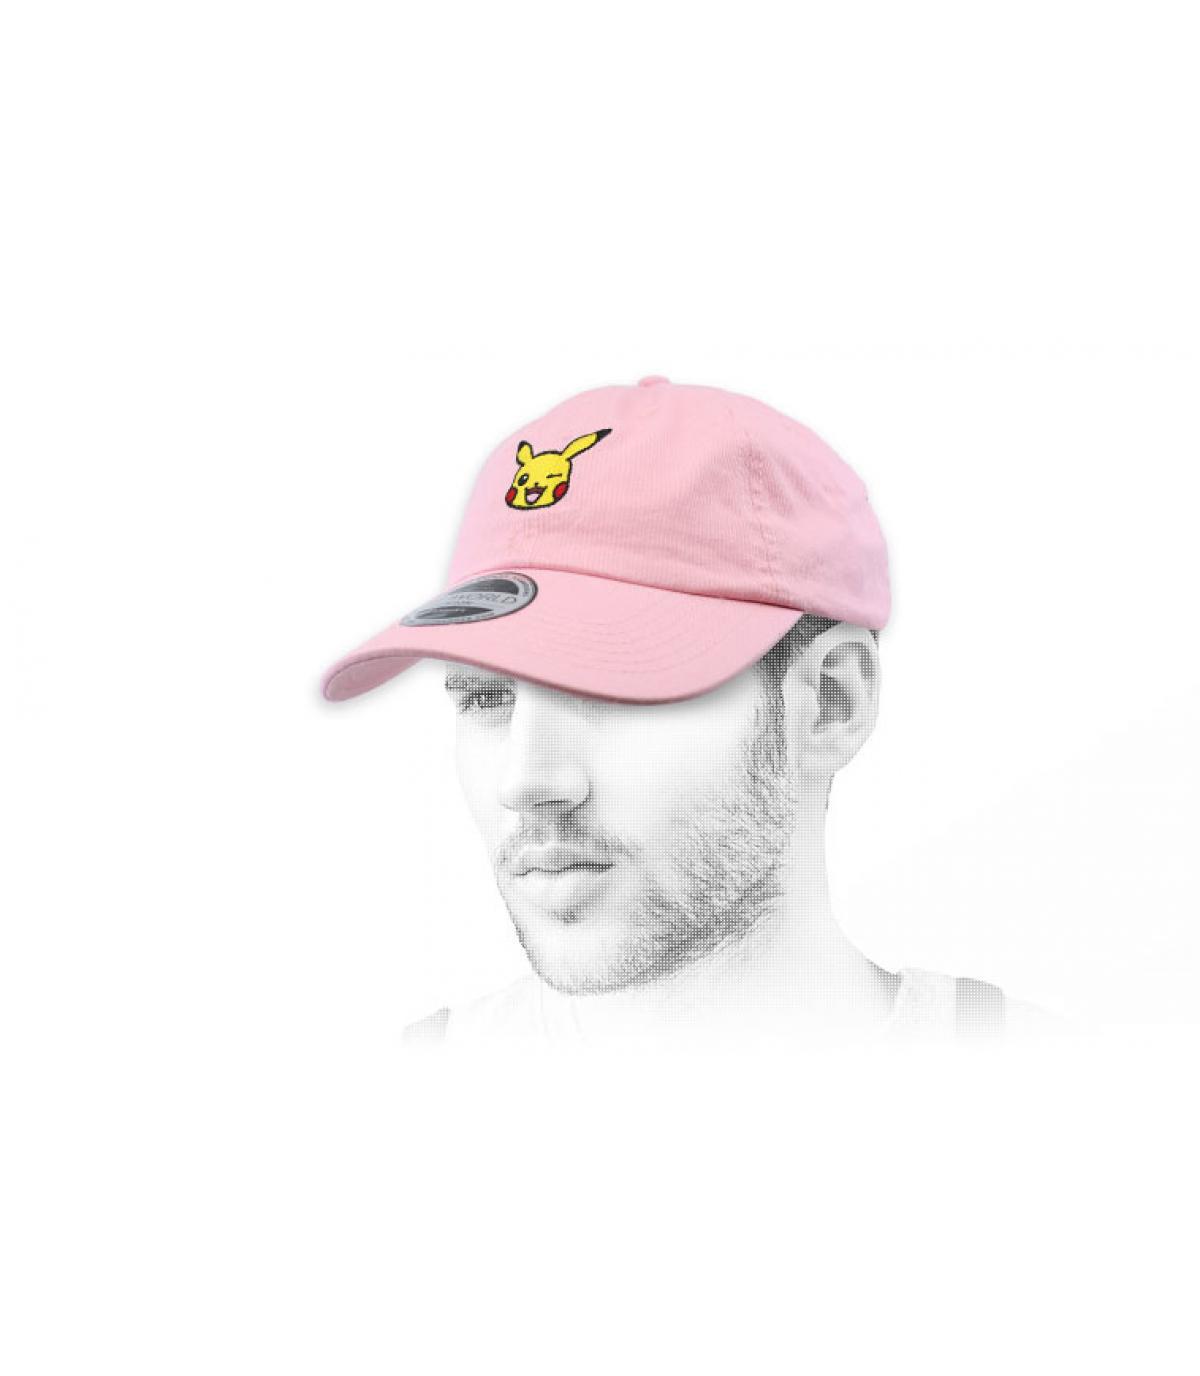 roze pet van Pikachu